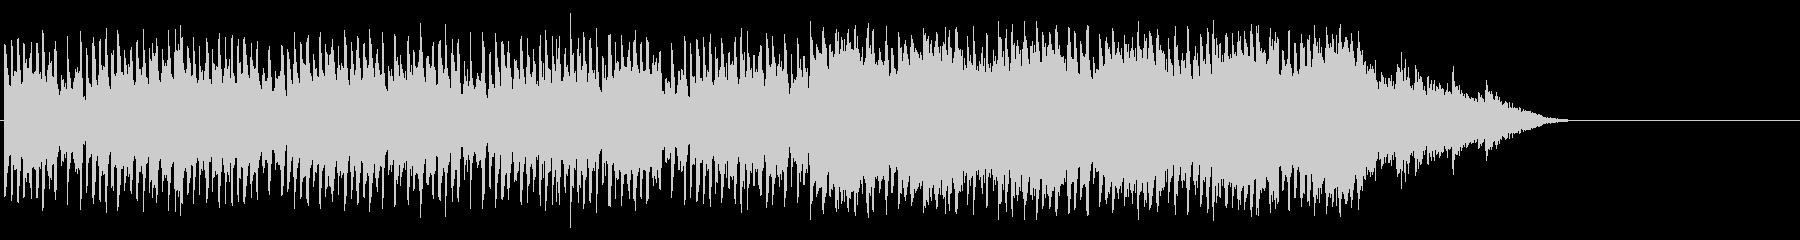 出発のエンドBGM(A~サビ~エンド)の未再生の波形